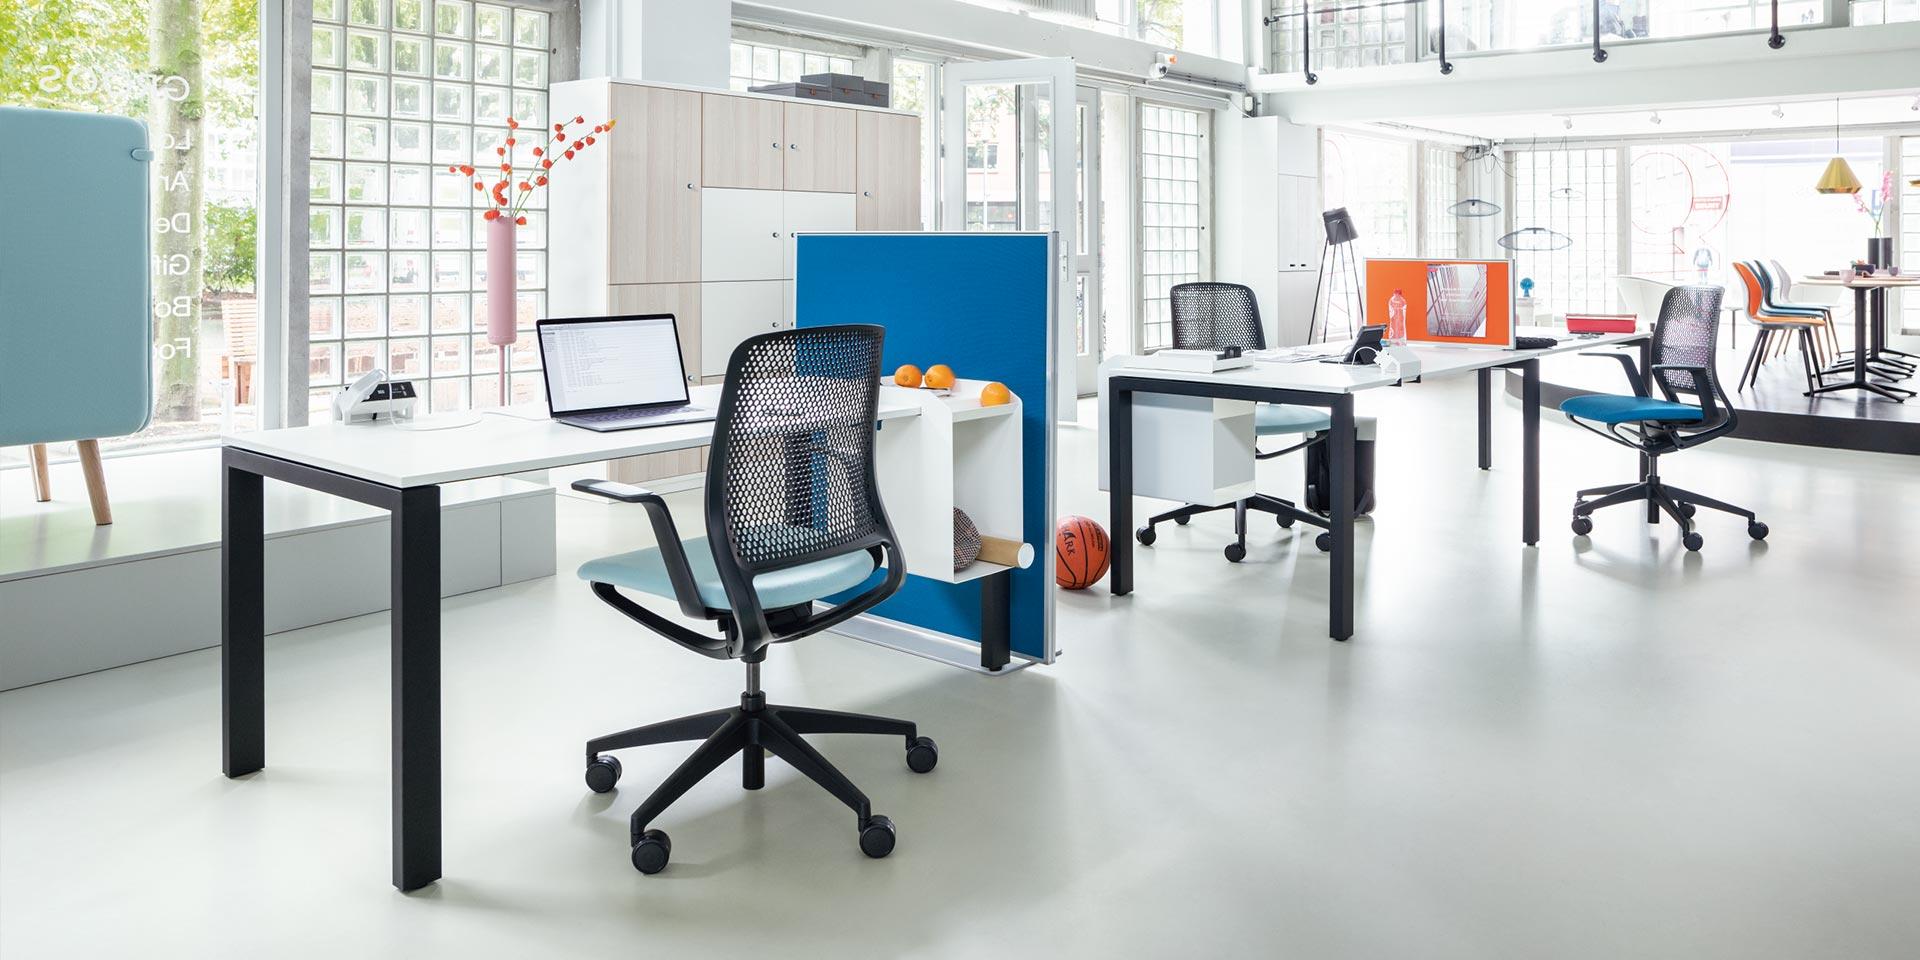 Sedus akoestische scheidingswand - akoestiek Heering Office Den Haag 3